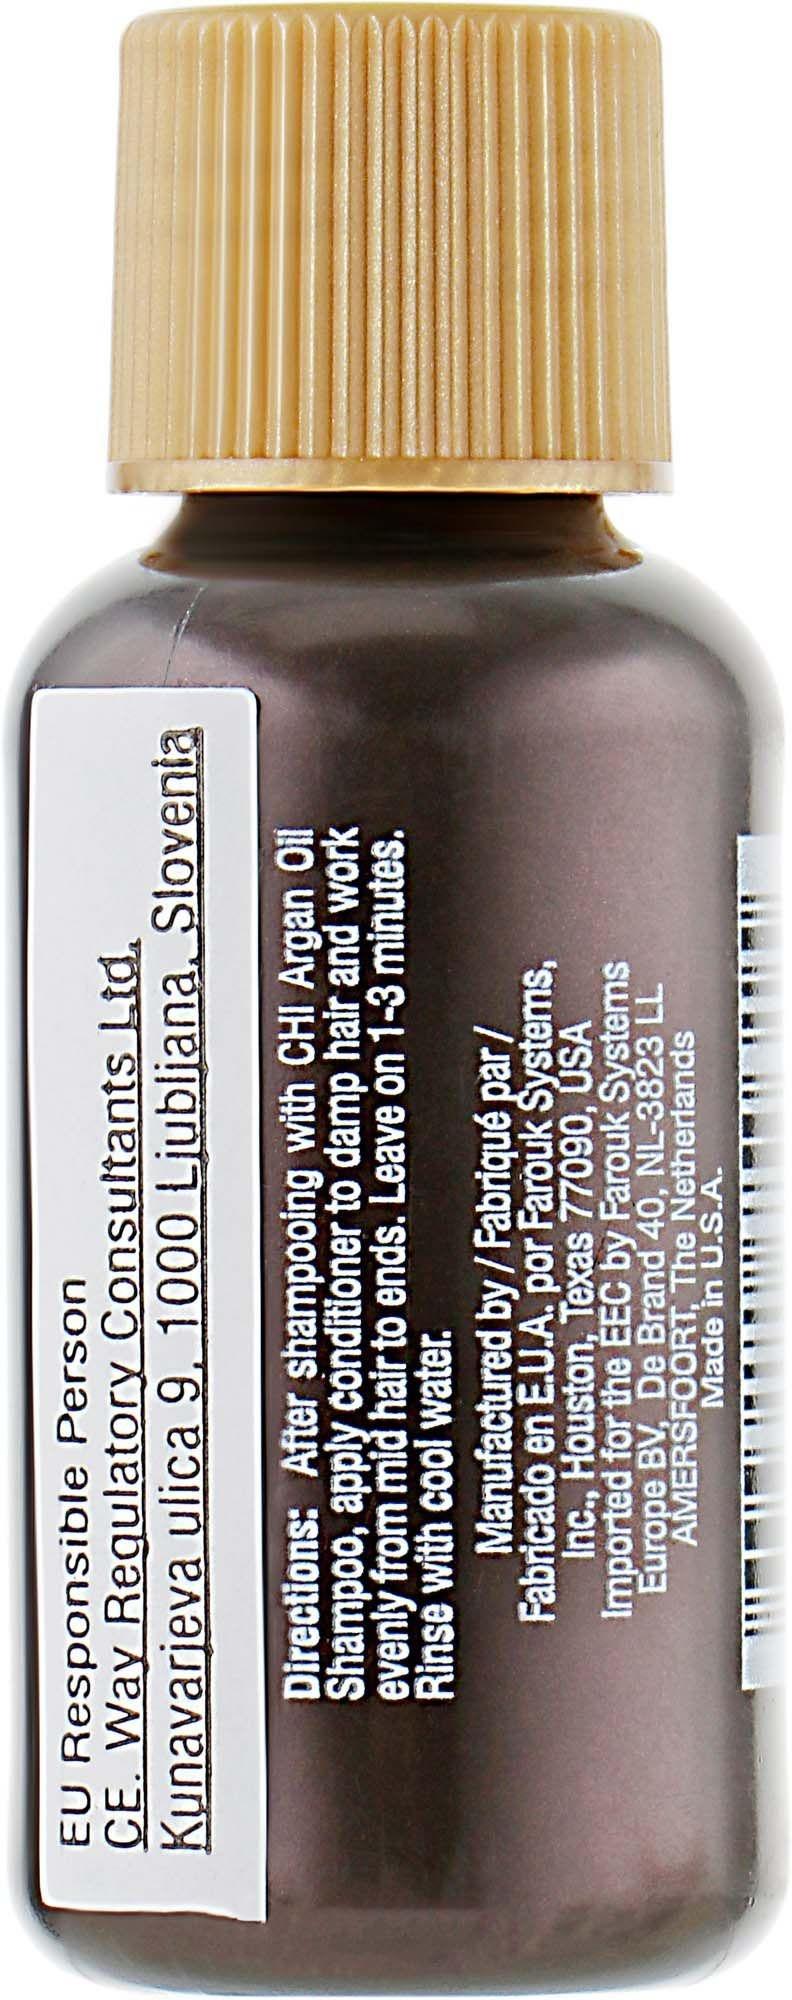 Масло восстанавливающее для волос CHI Argan Oil  2 - Фото 2